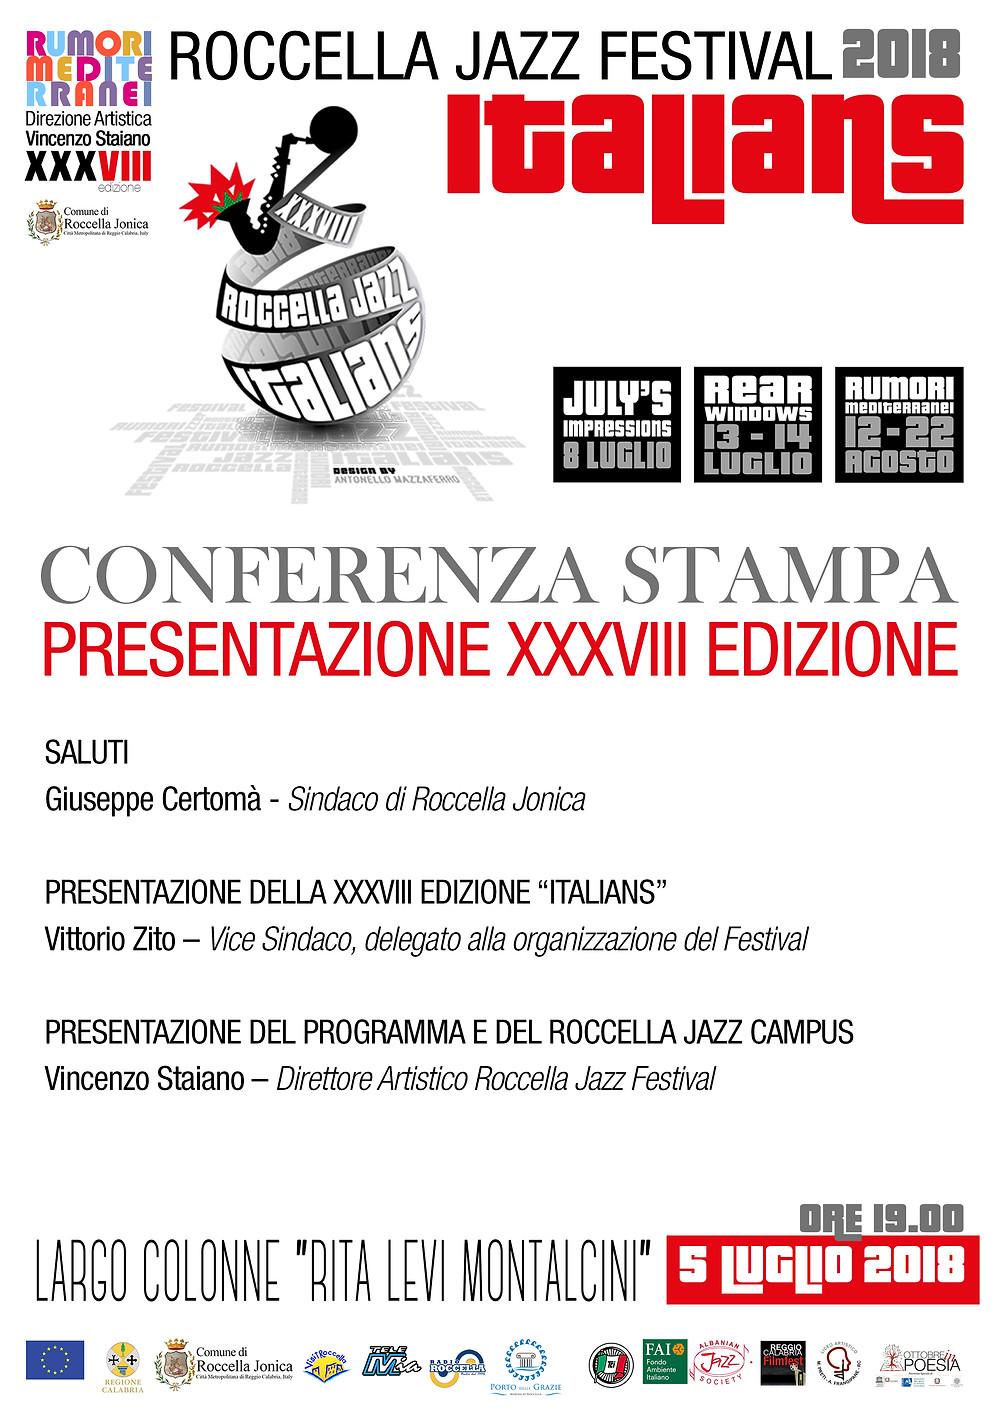 Locandina conferenza stampa XXXVIII edizione Roccella Jazz Festival Italians